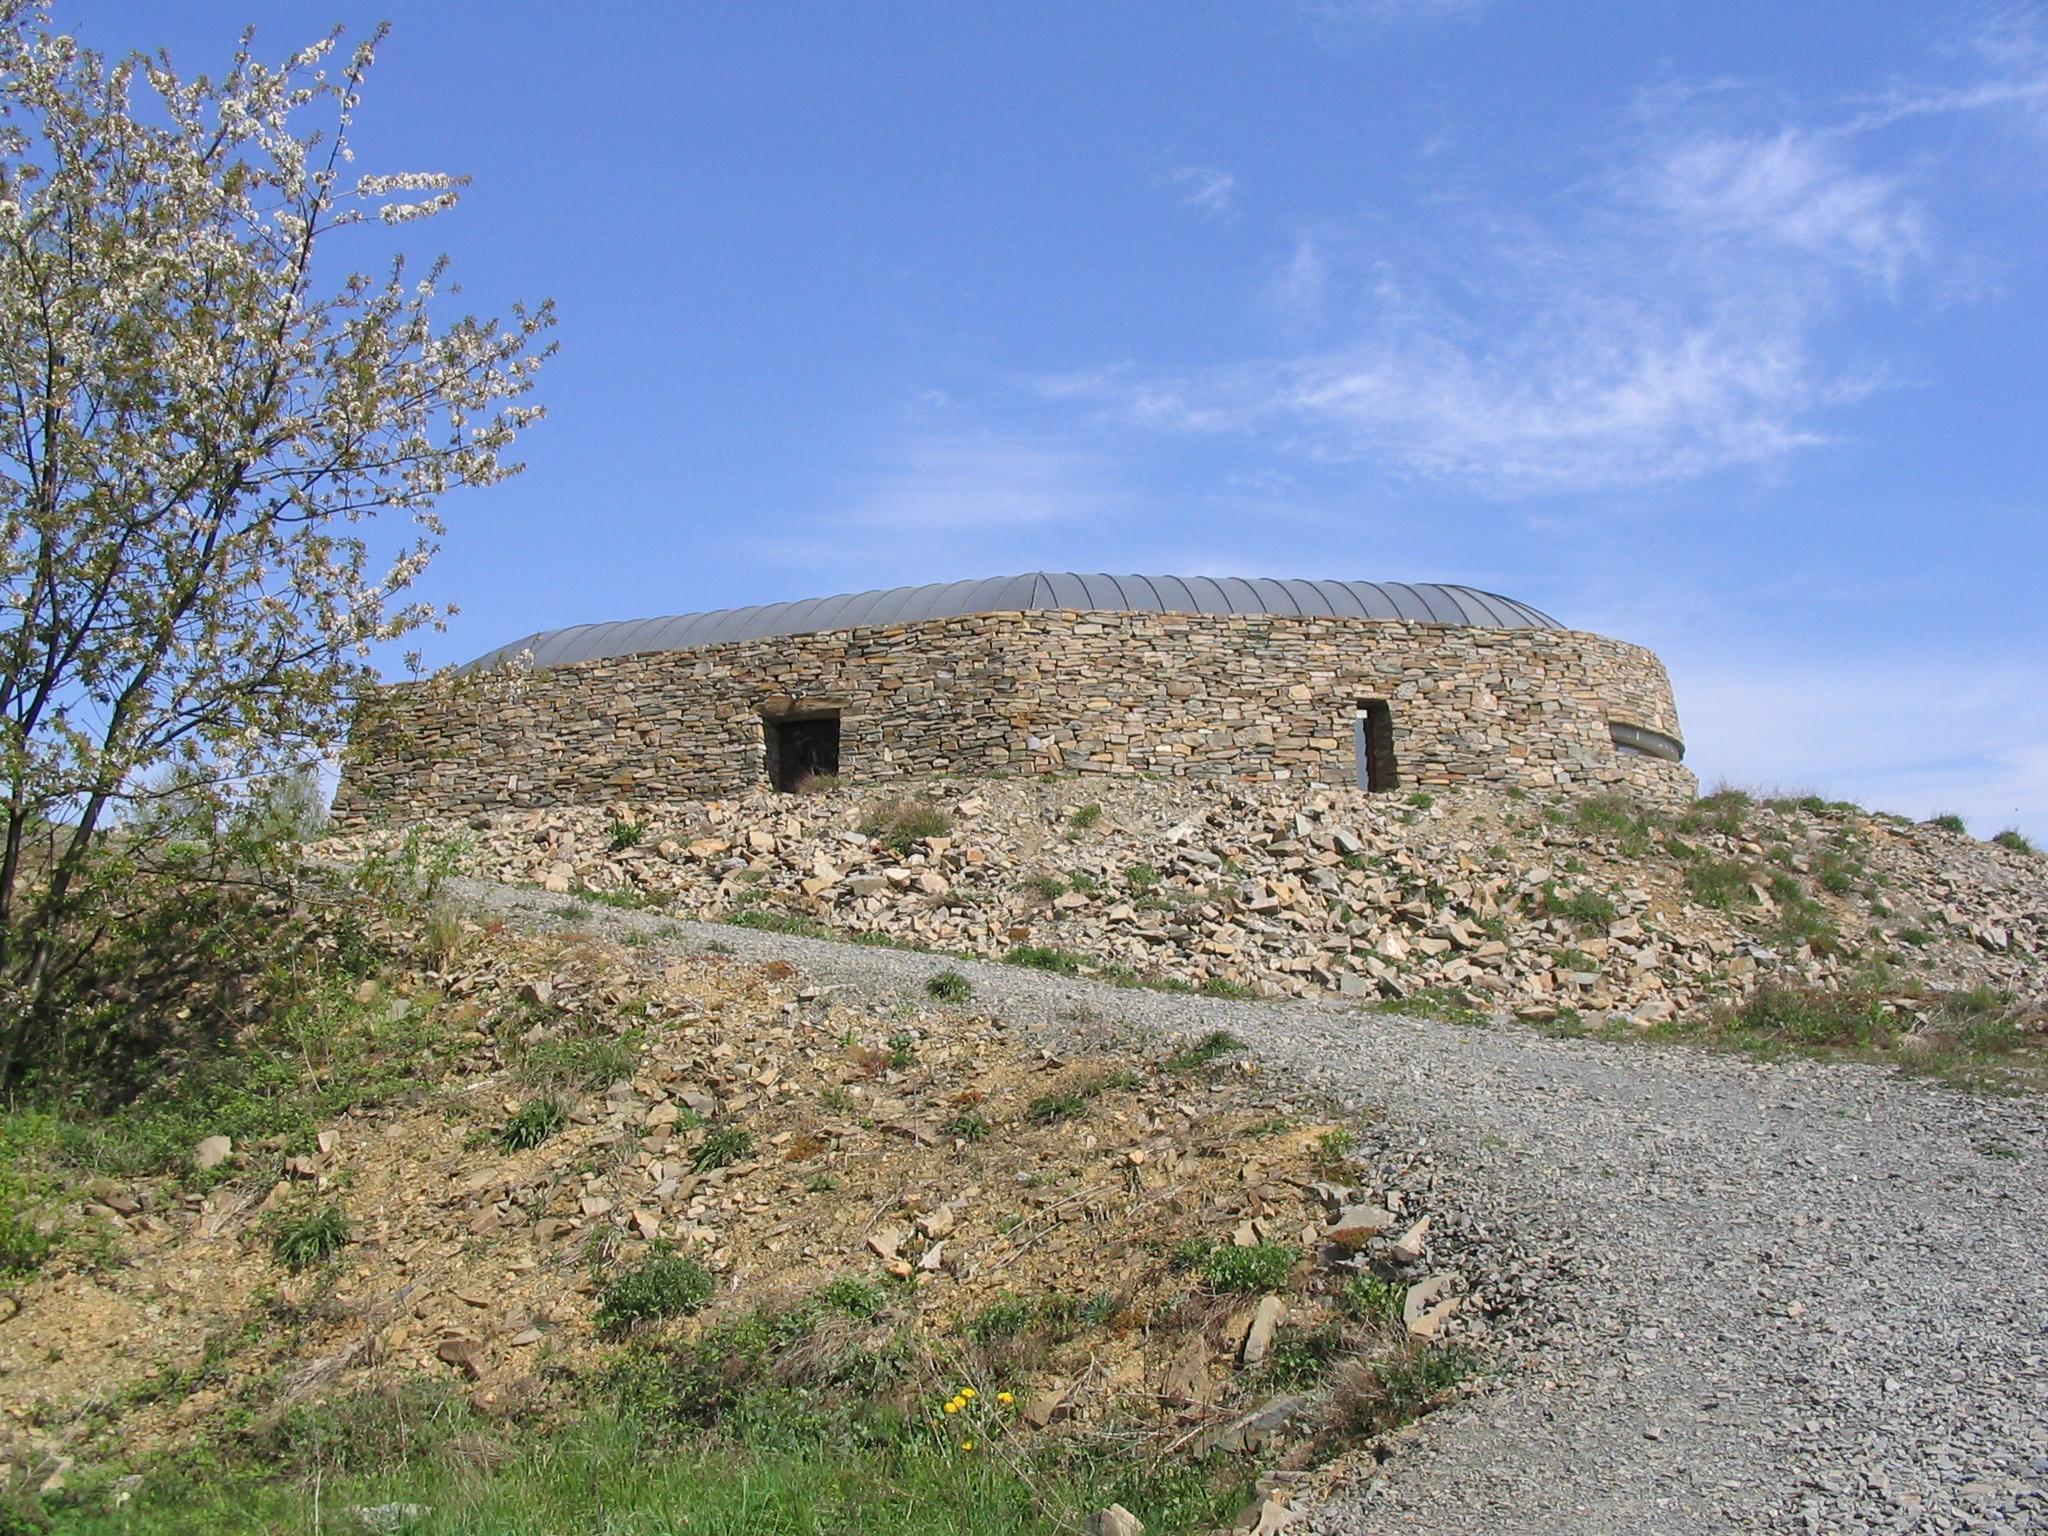 Le Centre d'Interprétation de la Chauve-Souris